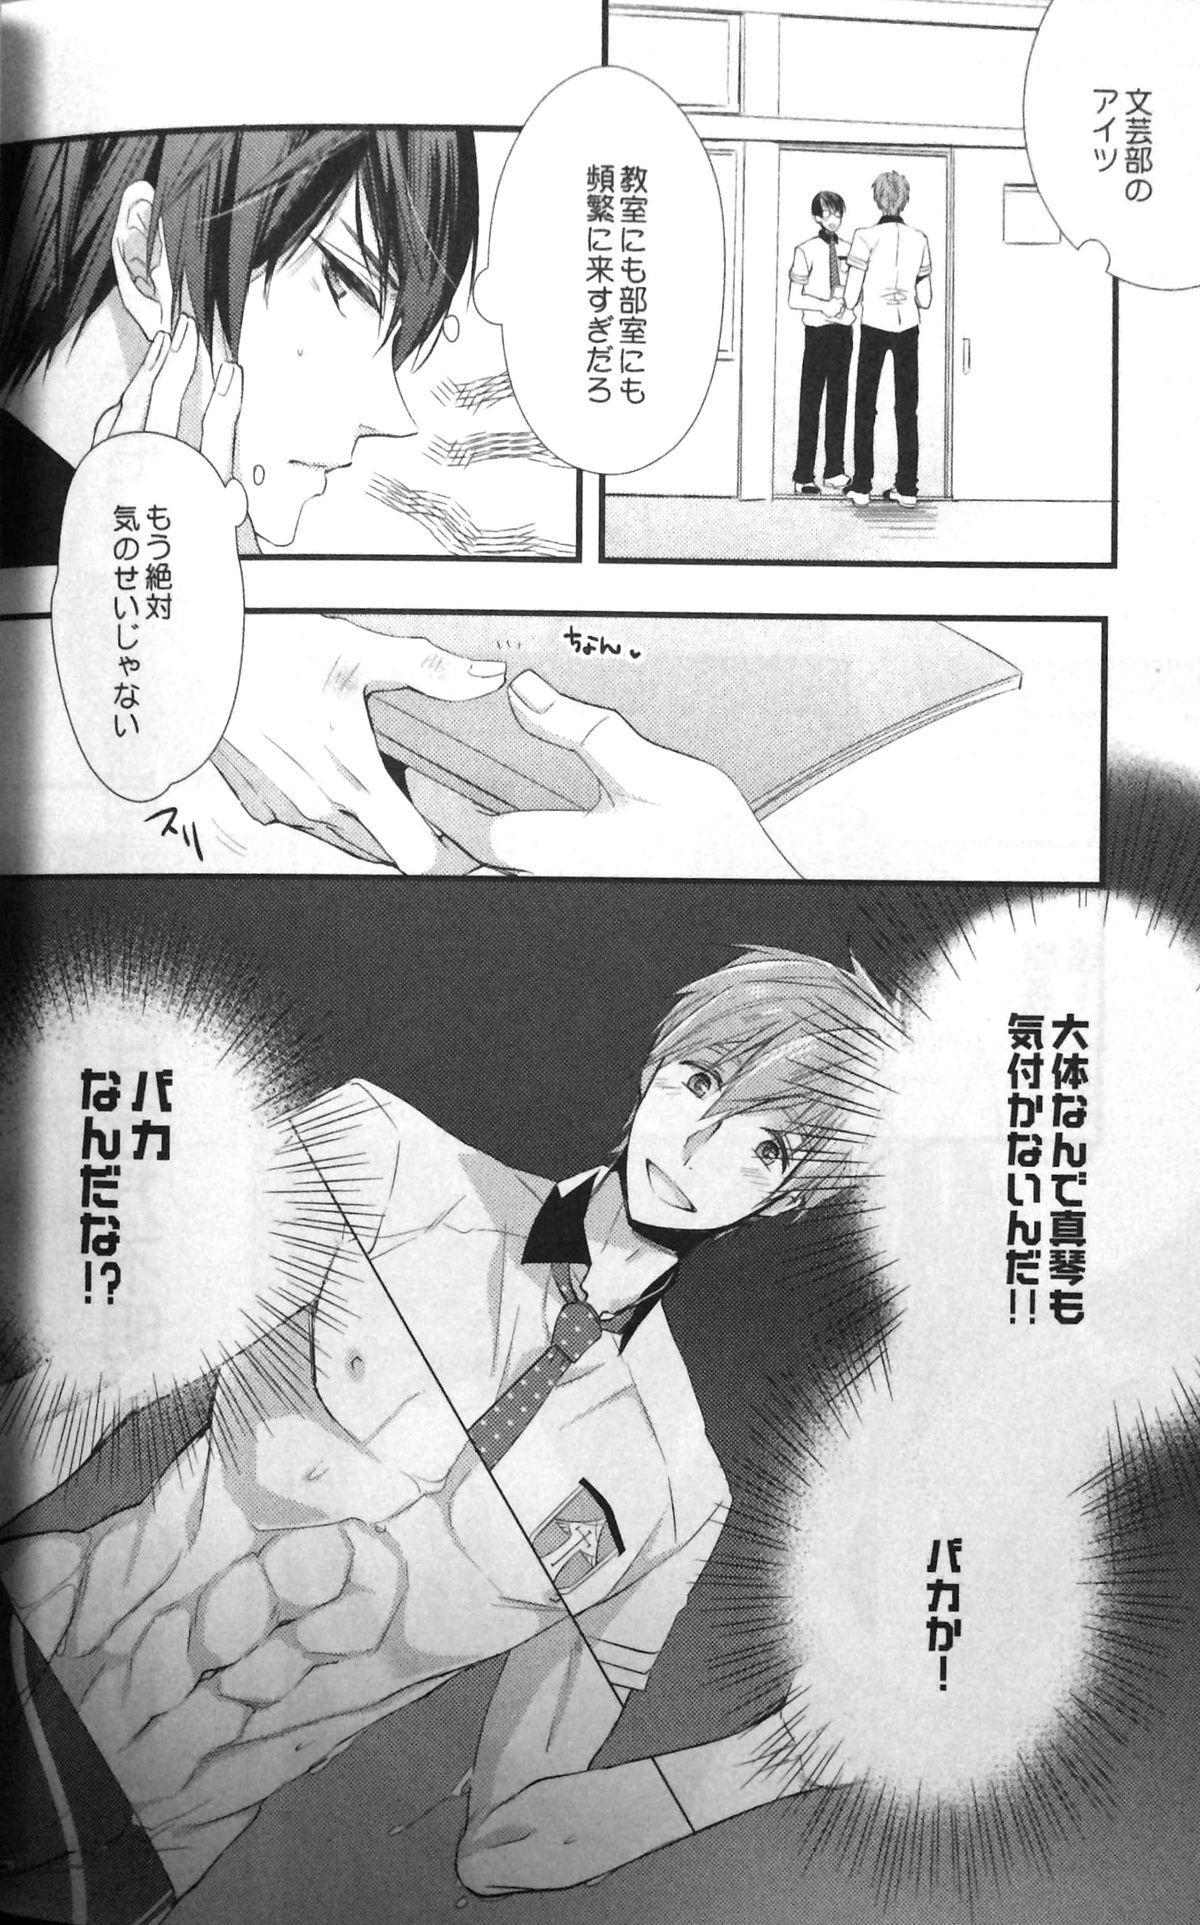 Basuke buchou ni Kokuhaku saretara Haru ni Okorareta 10